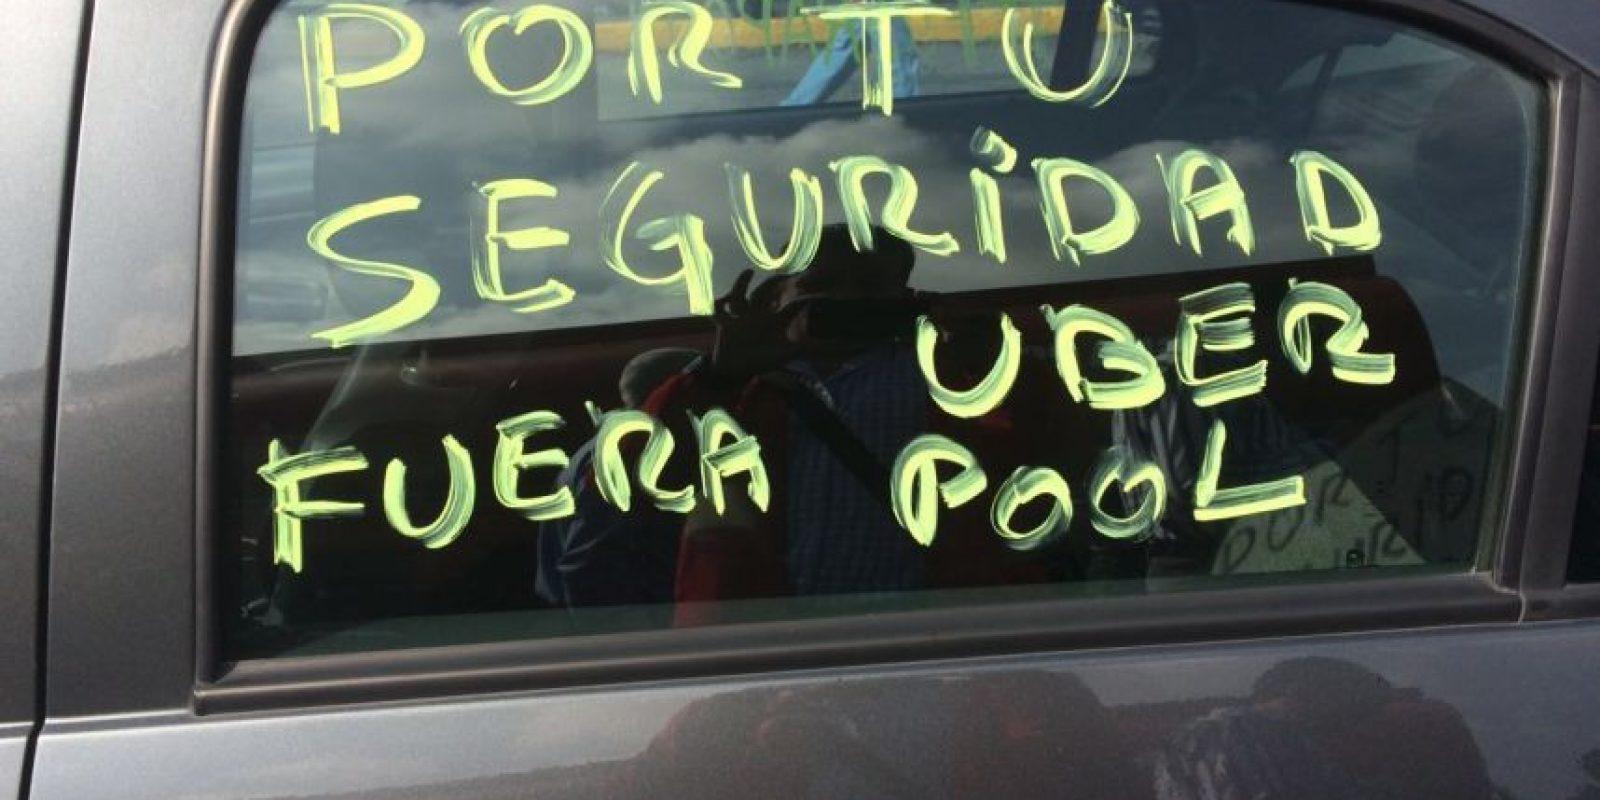 El director general de La Costeña, Rafael Celorio, afirmó que podría tomar acciones penales contra los jóvenes Foto:Ignacio Gómez